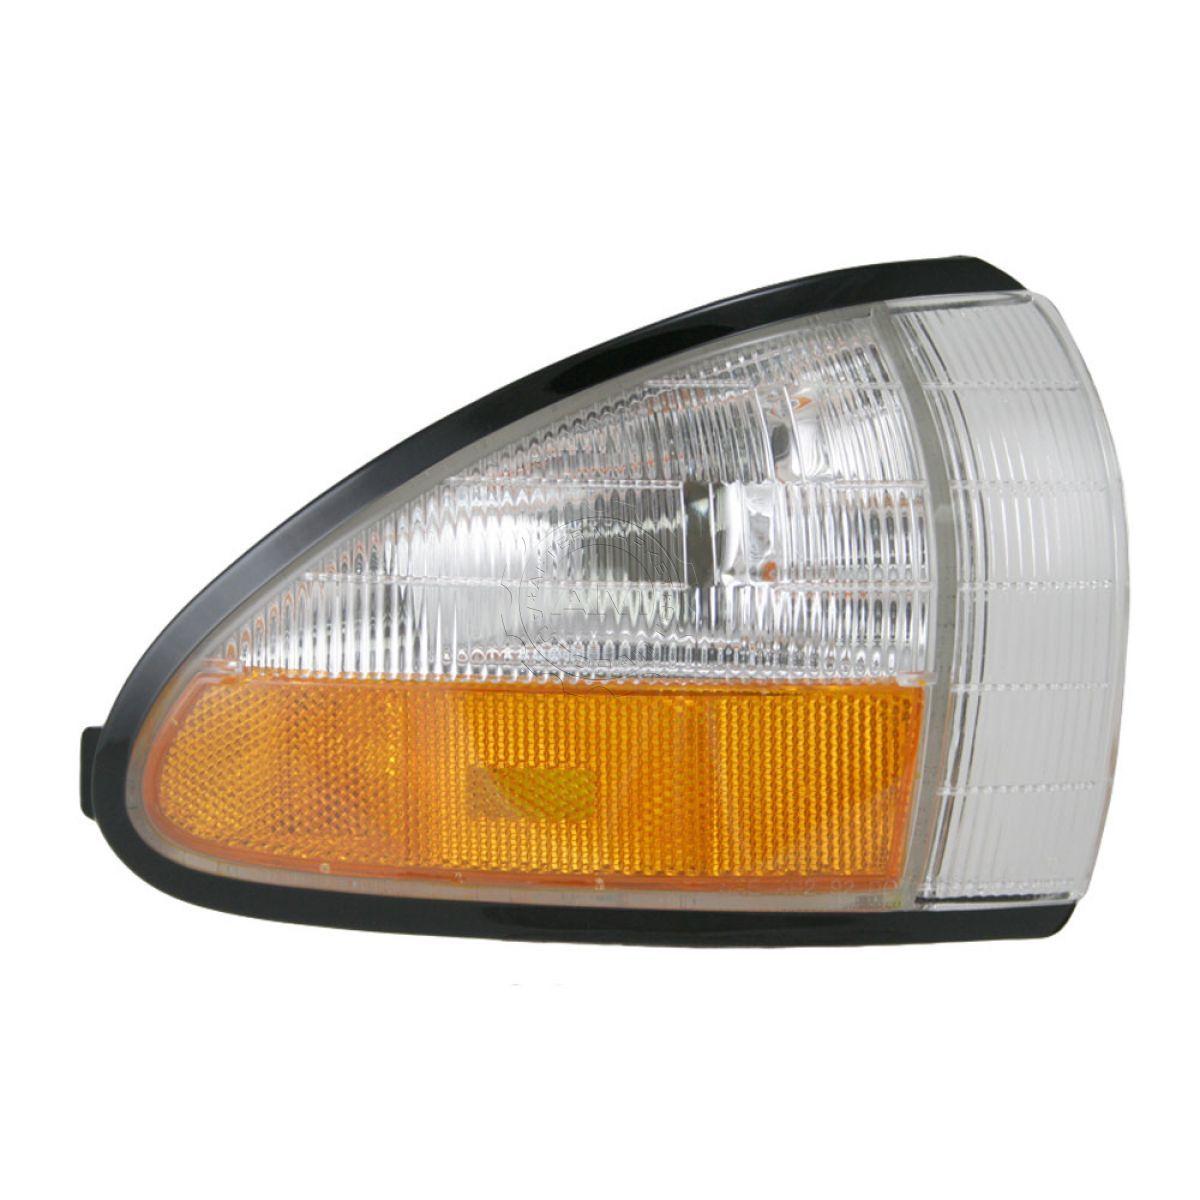 コーナーライト Corner Parking Light Marker Turn Right Side Passenger for 92-95 Bonneville コーナーパーキングライトマーカー92-95ボンネビルのために右サイドの旅客機を回す